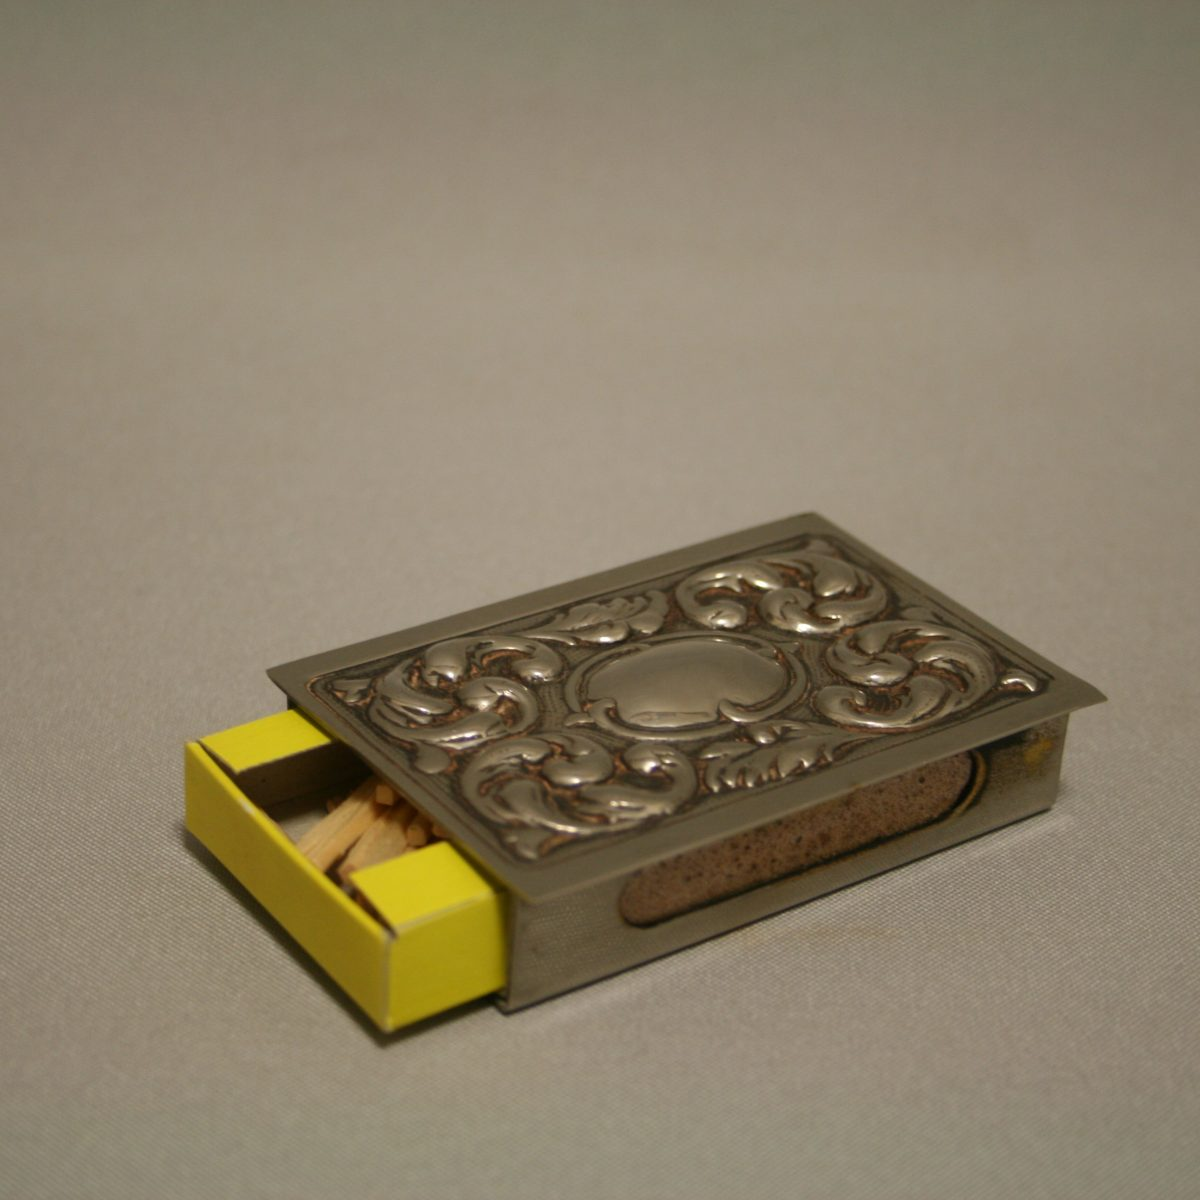 White metal match box case